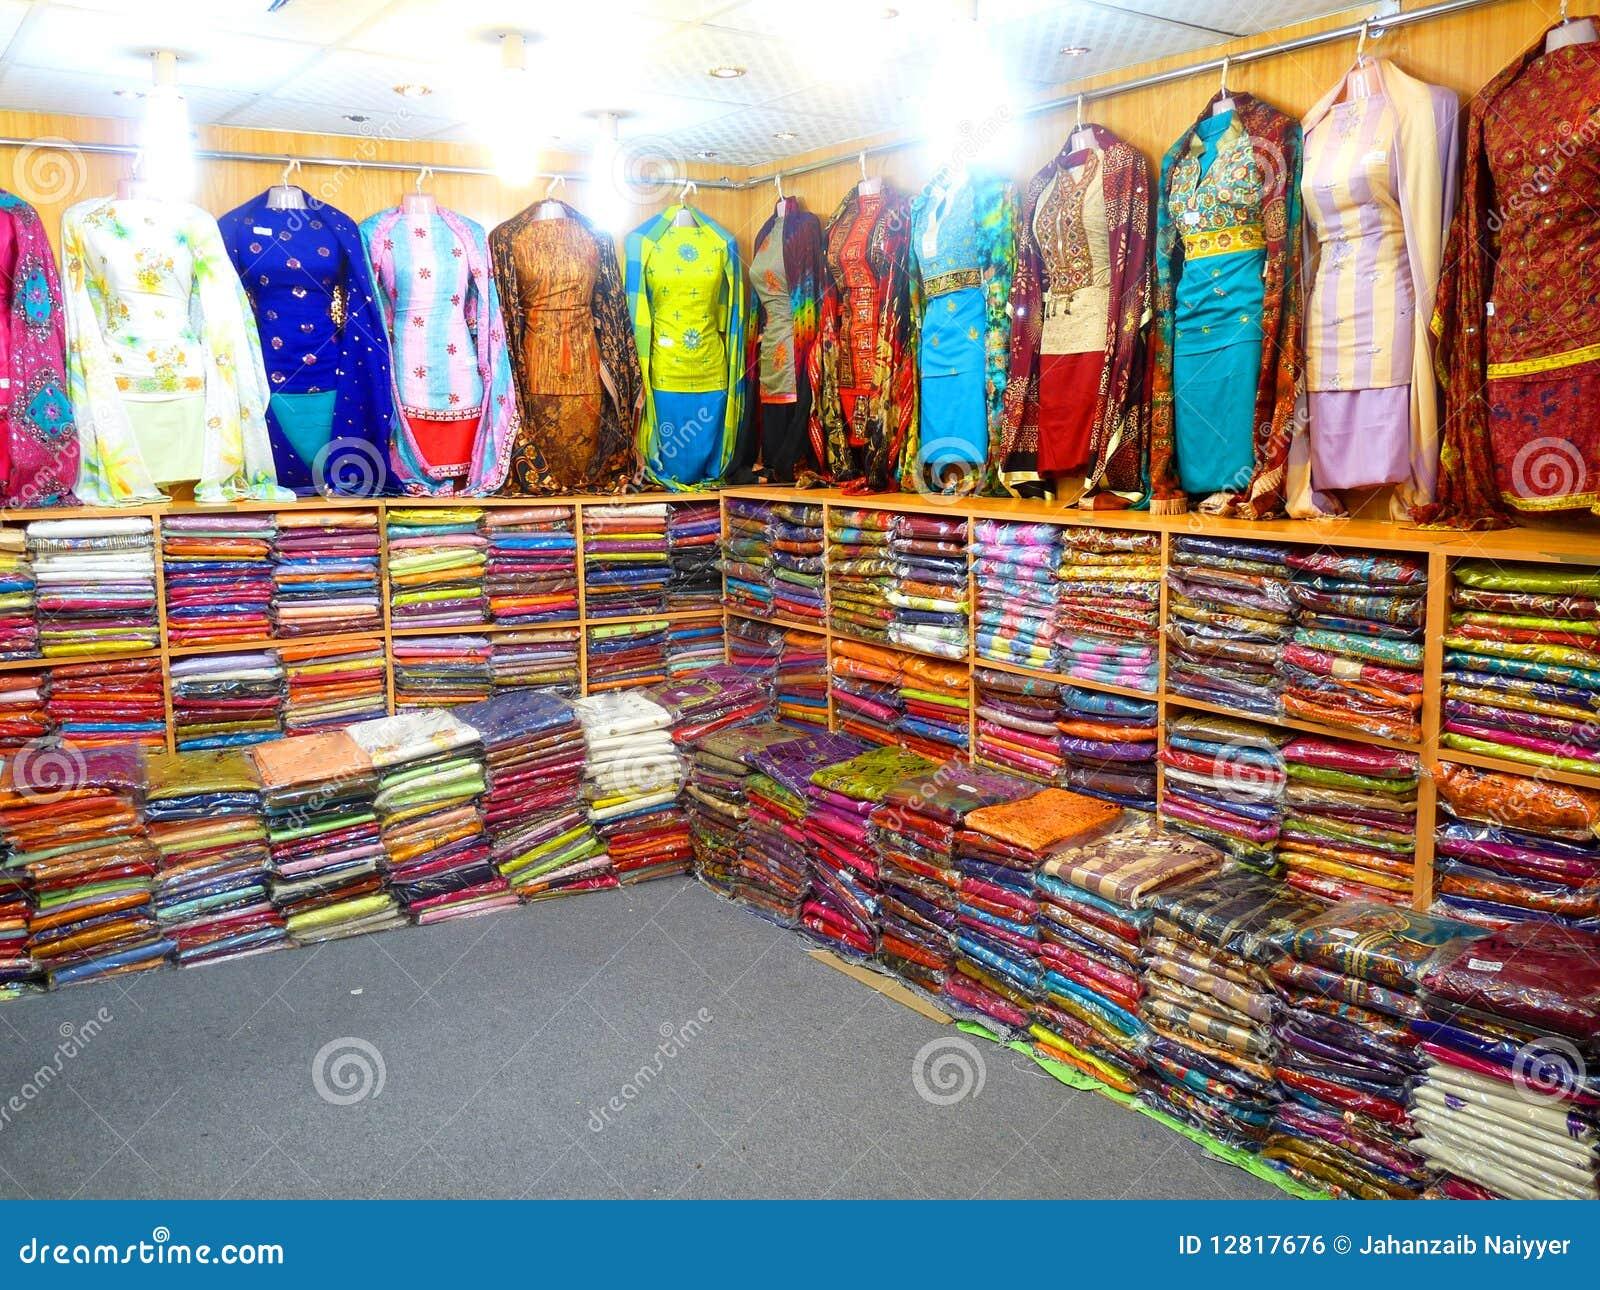 Online fancy dress shop